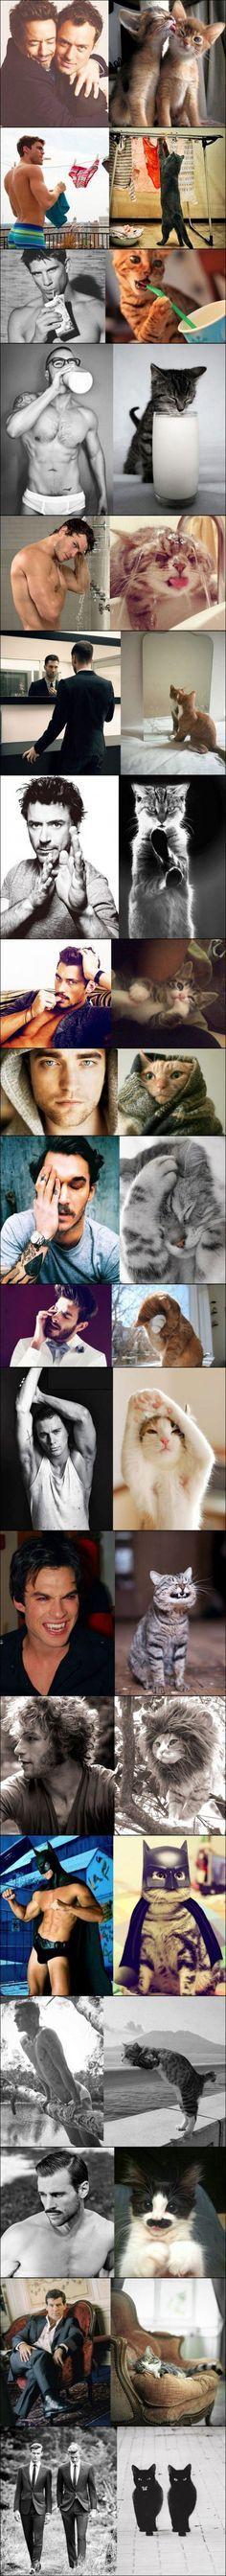 Ein Post für die Damenwelt: Kerle und Katzen - Fun Bild | Webfail - Fail Bilder und Fail Videos